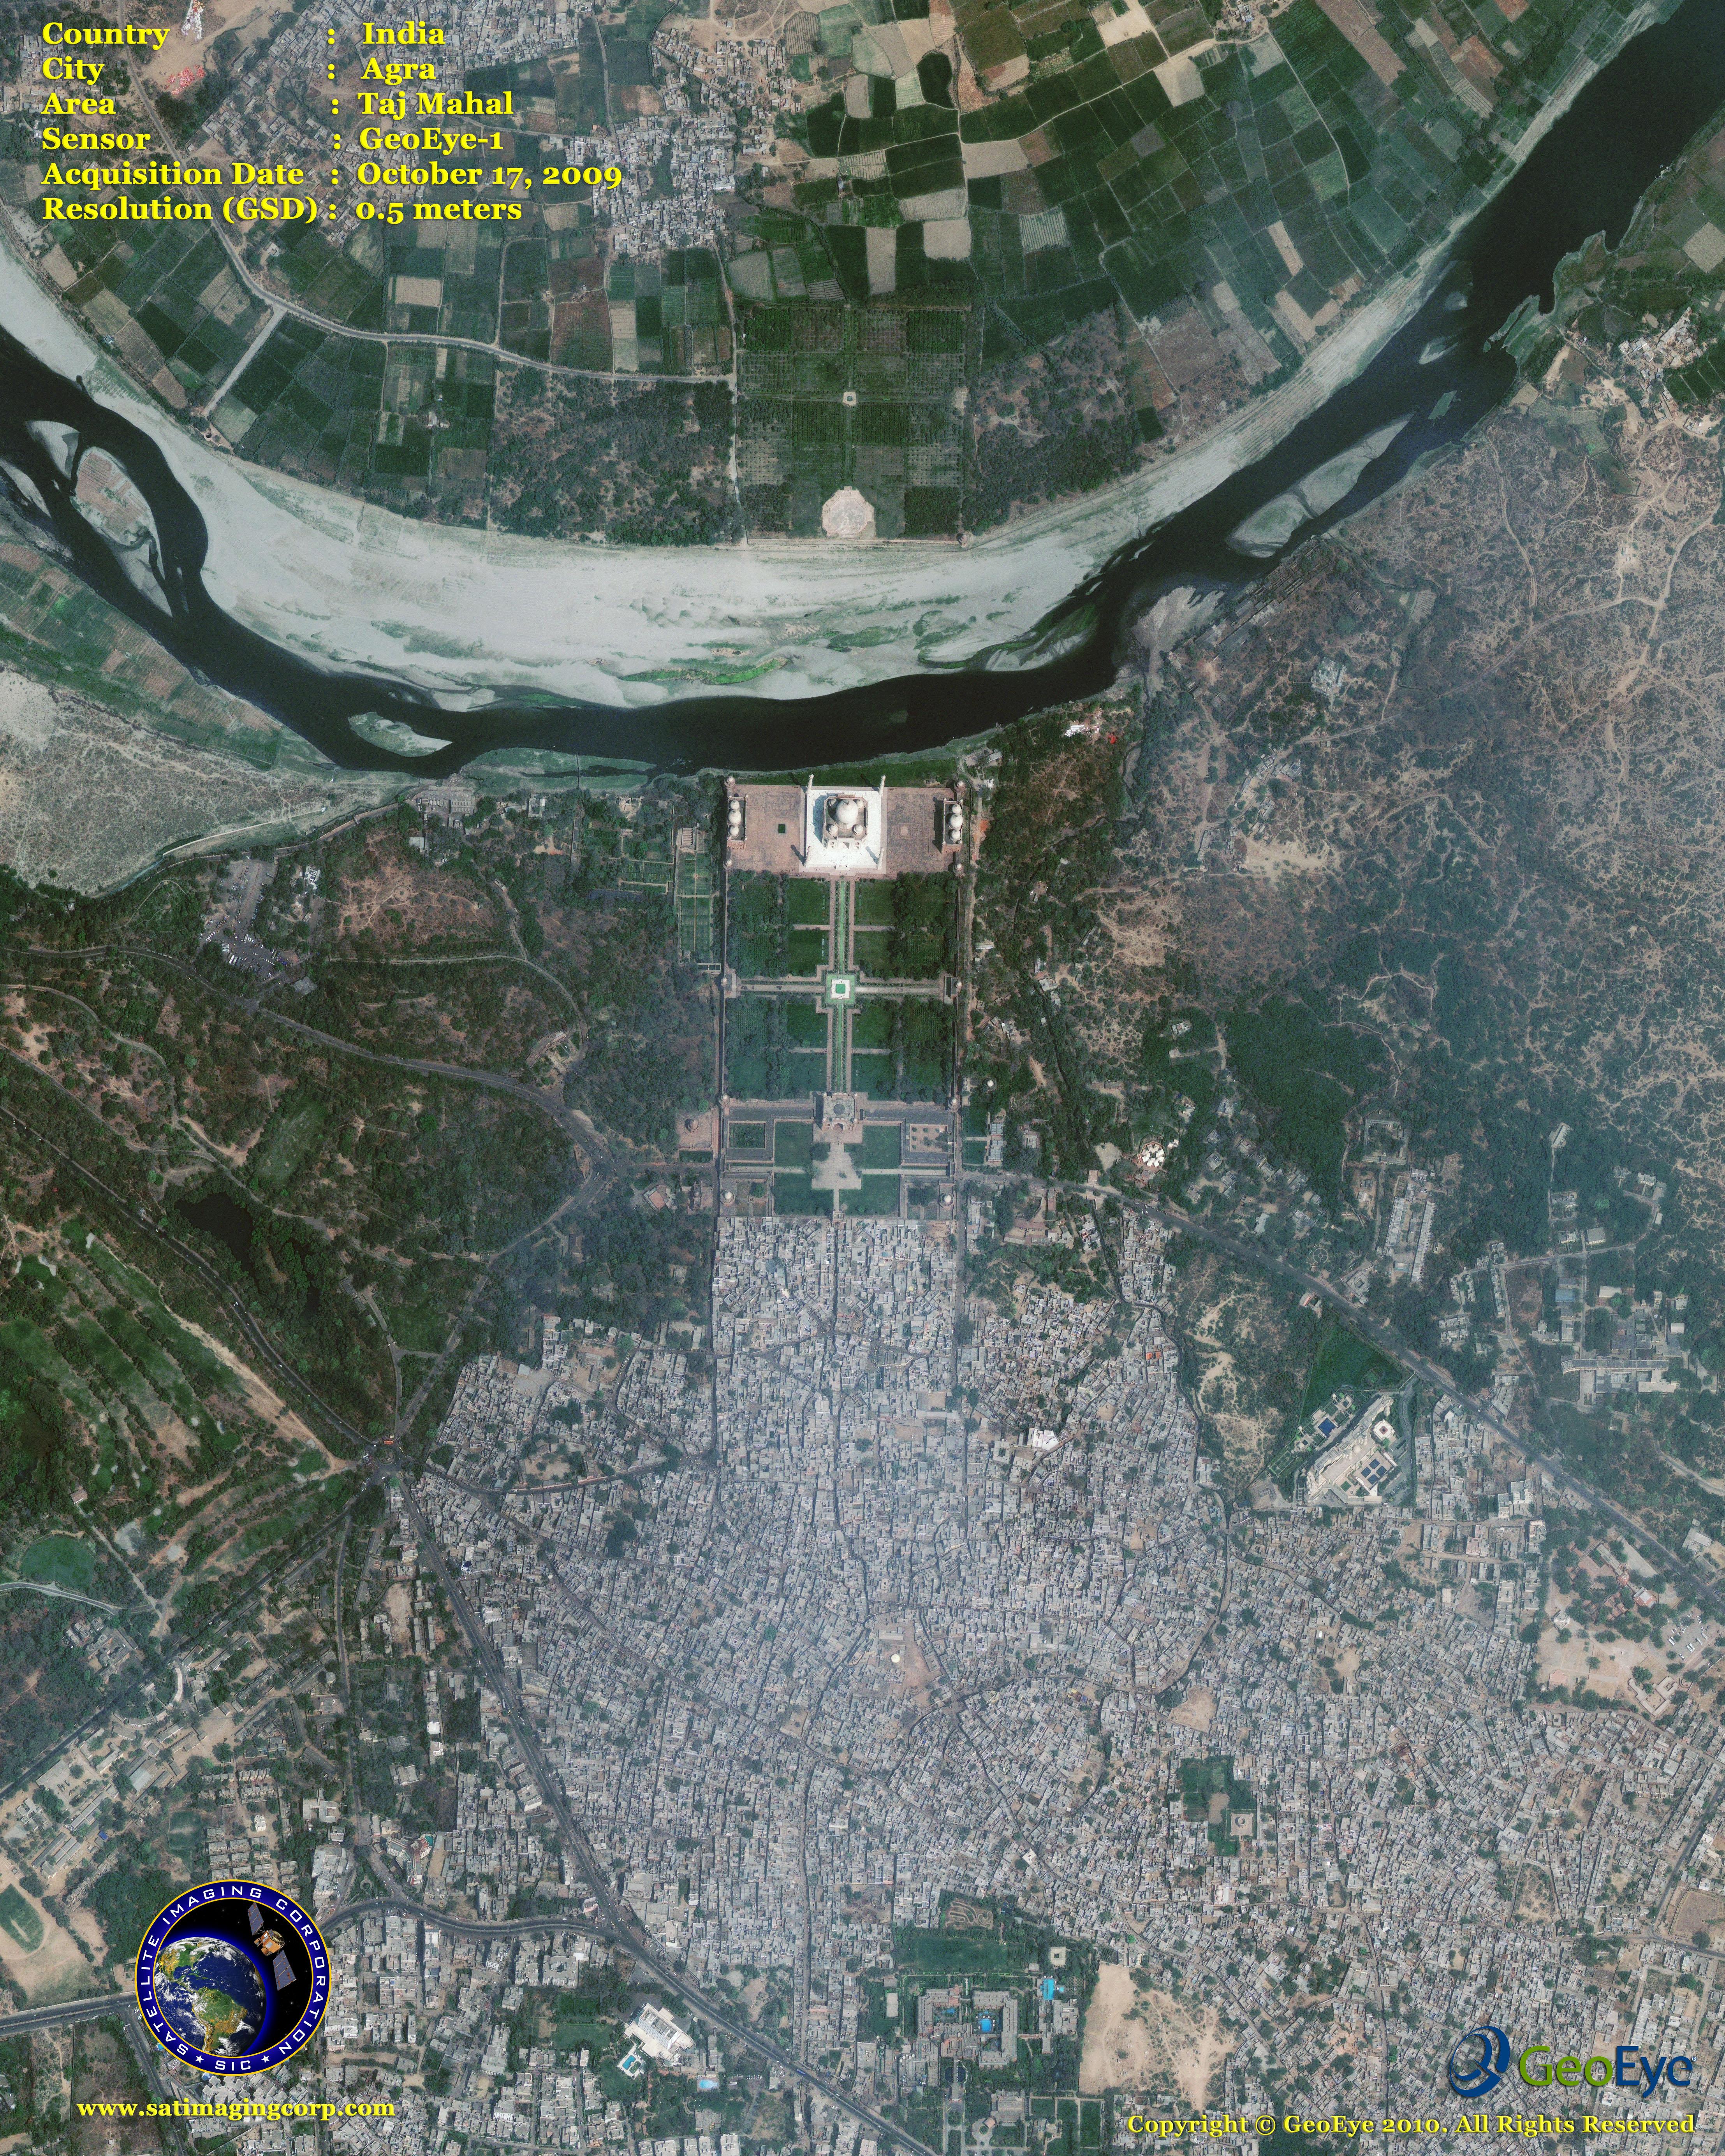 GeoEye Satellite Image Of The Taj Mahal Satellite Imaging Corp - Map through satellite